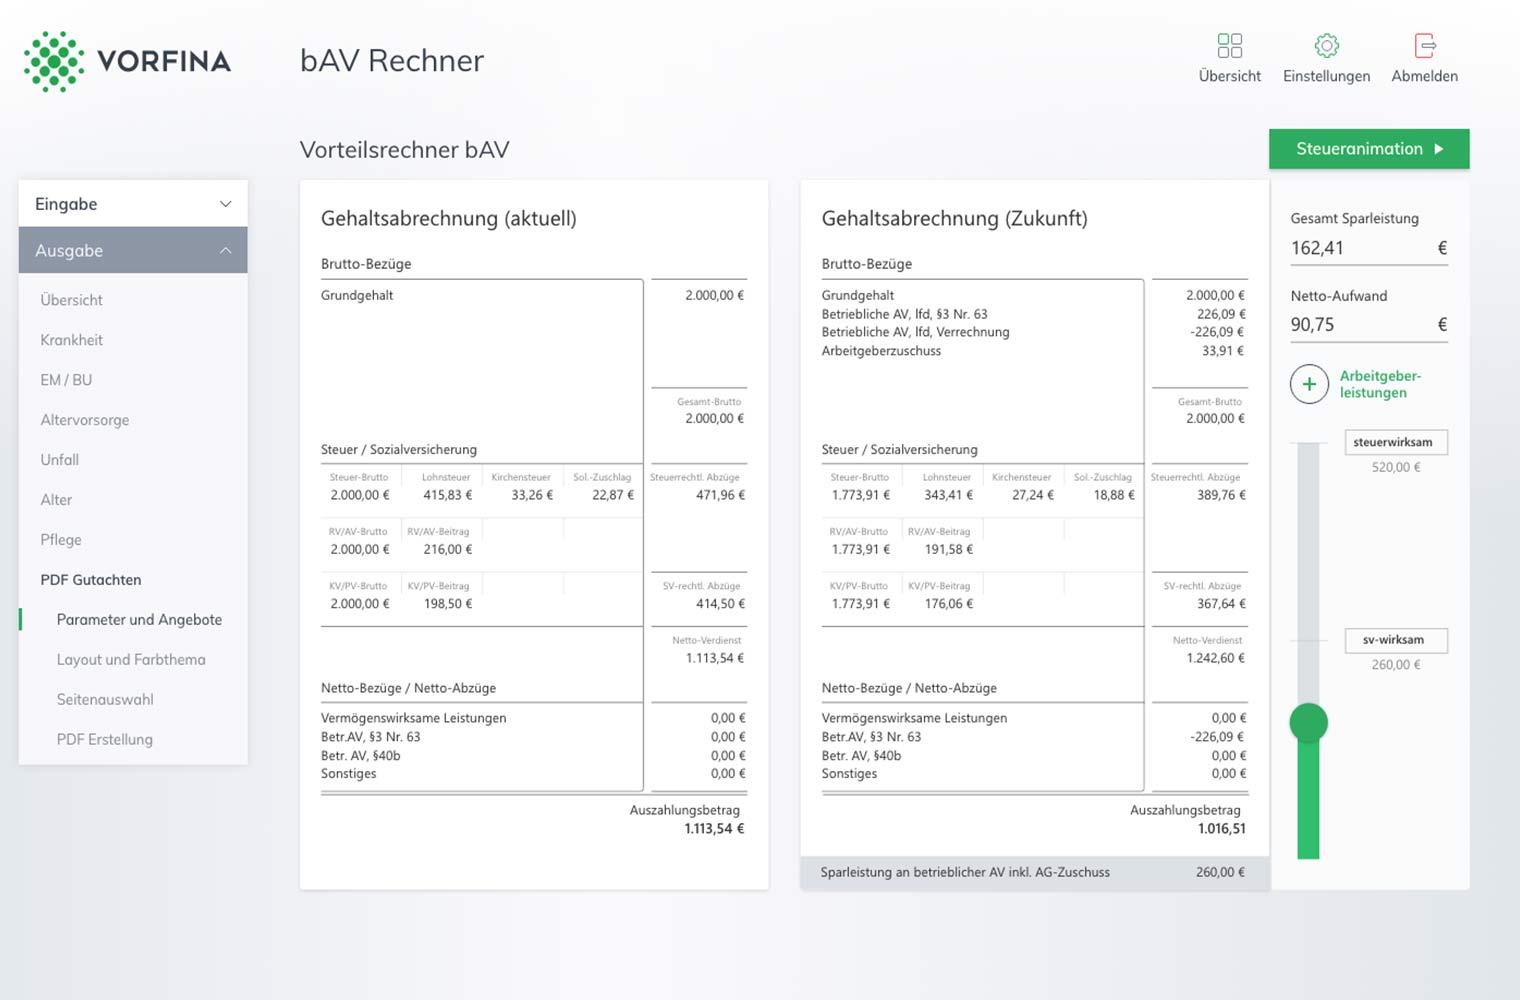 https://www.vorfina.de/wp-content/uploads/2018/12/bAV-Rechner-Vorteilsrechner@2x.jpg